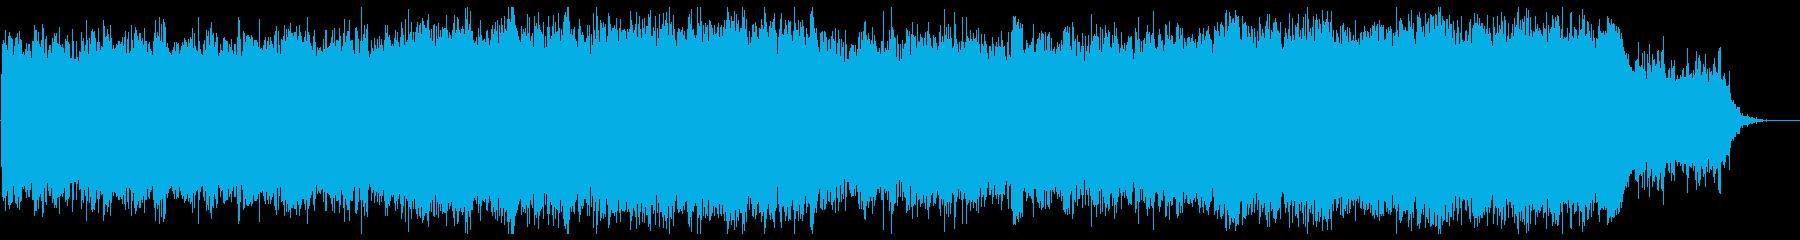 ヒーリング&リフレッシュの再生済みの波形